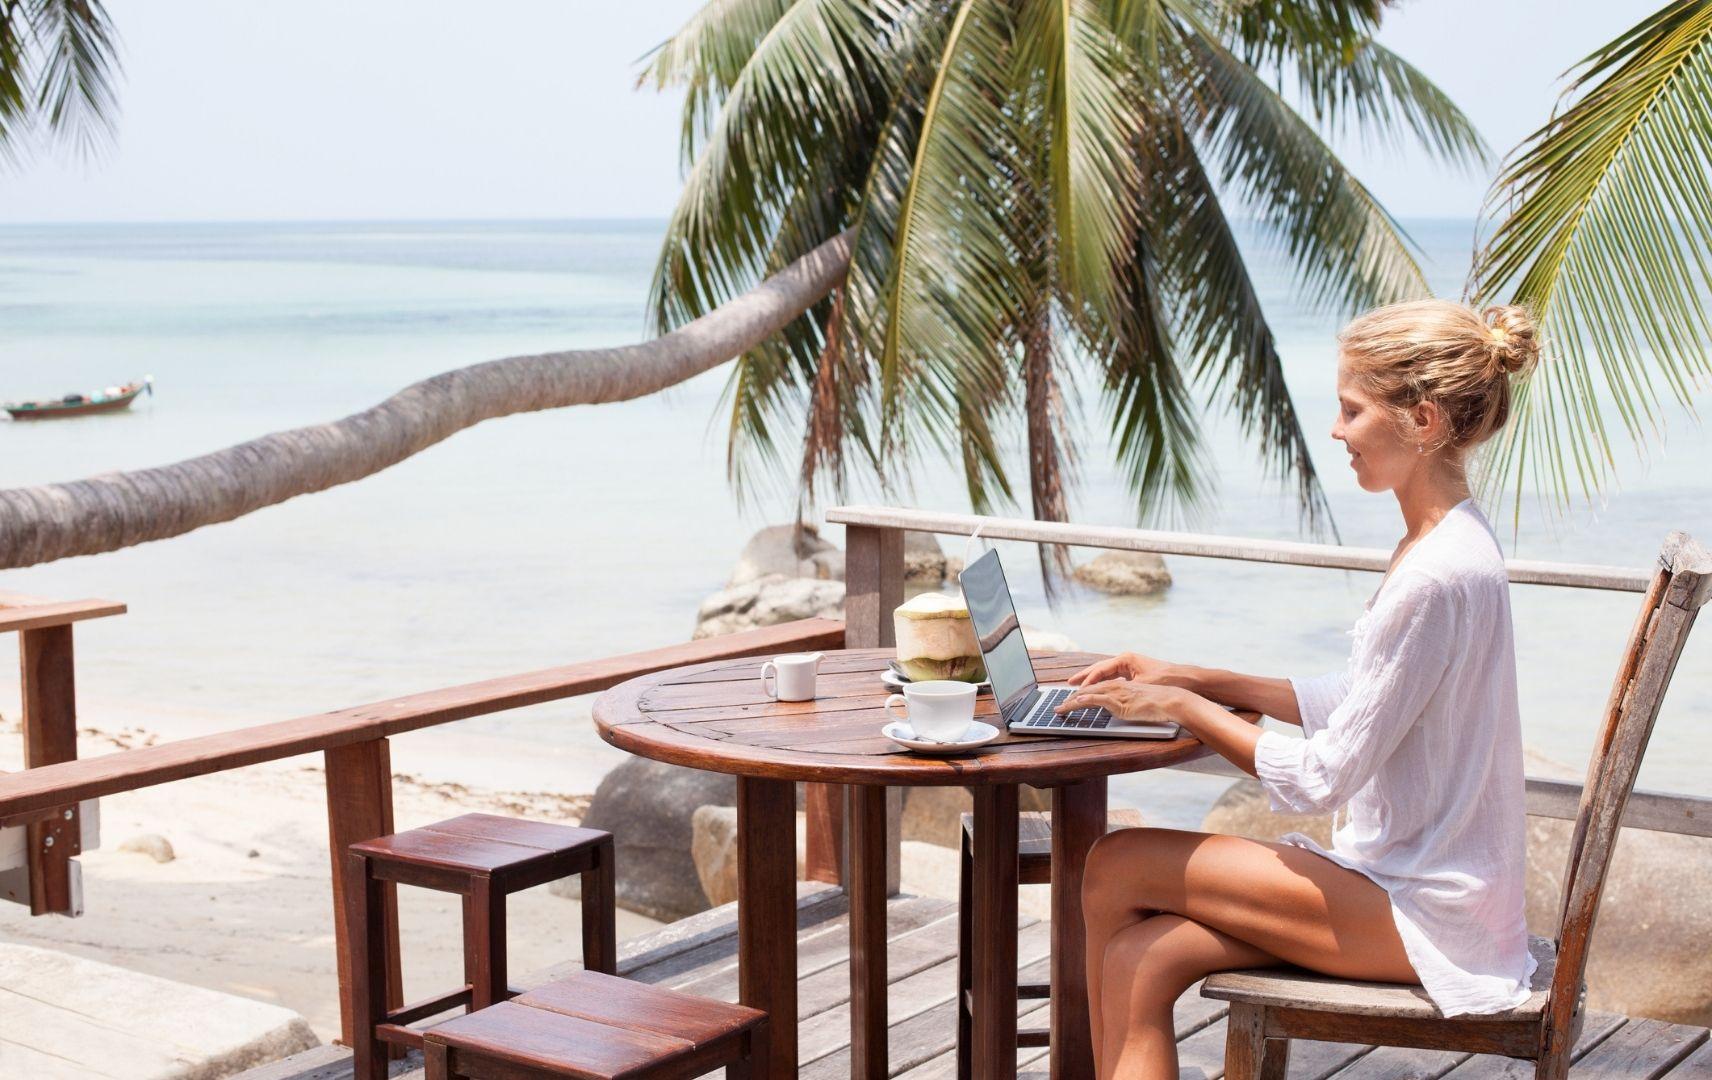 Frau sitzt auf Terrasse am Palmenstrand und arbeitet am Laptop